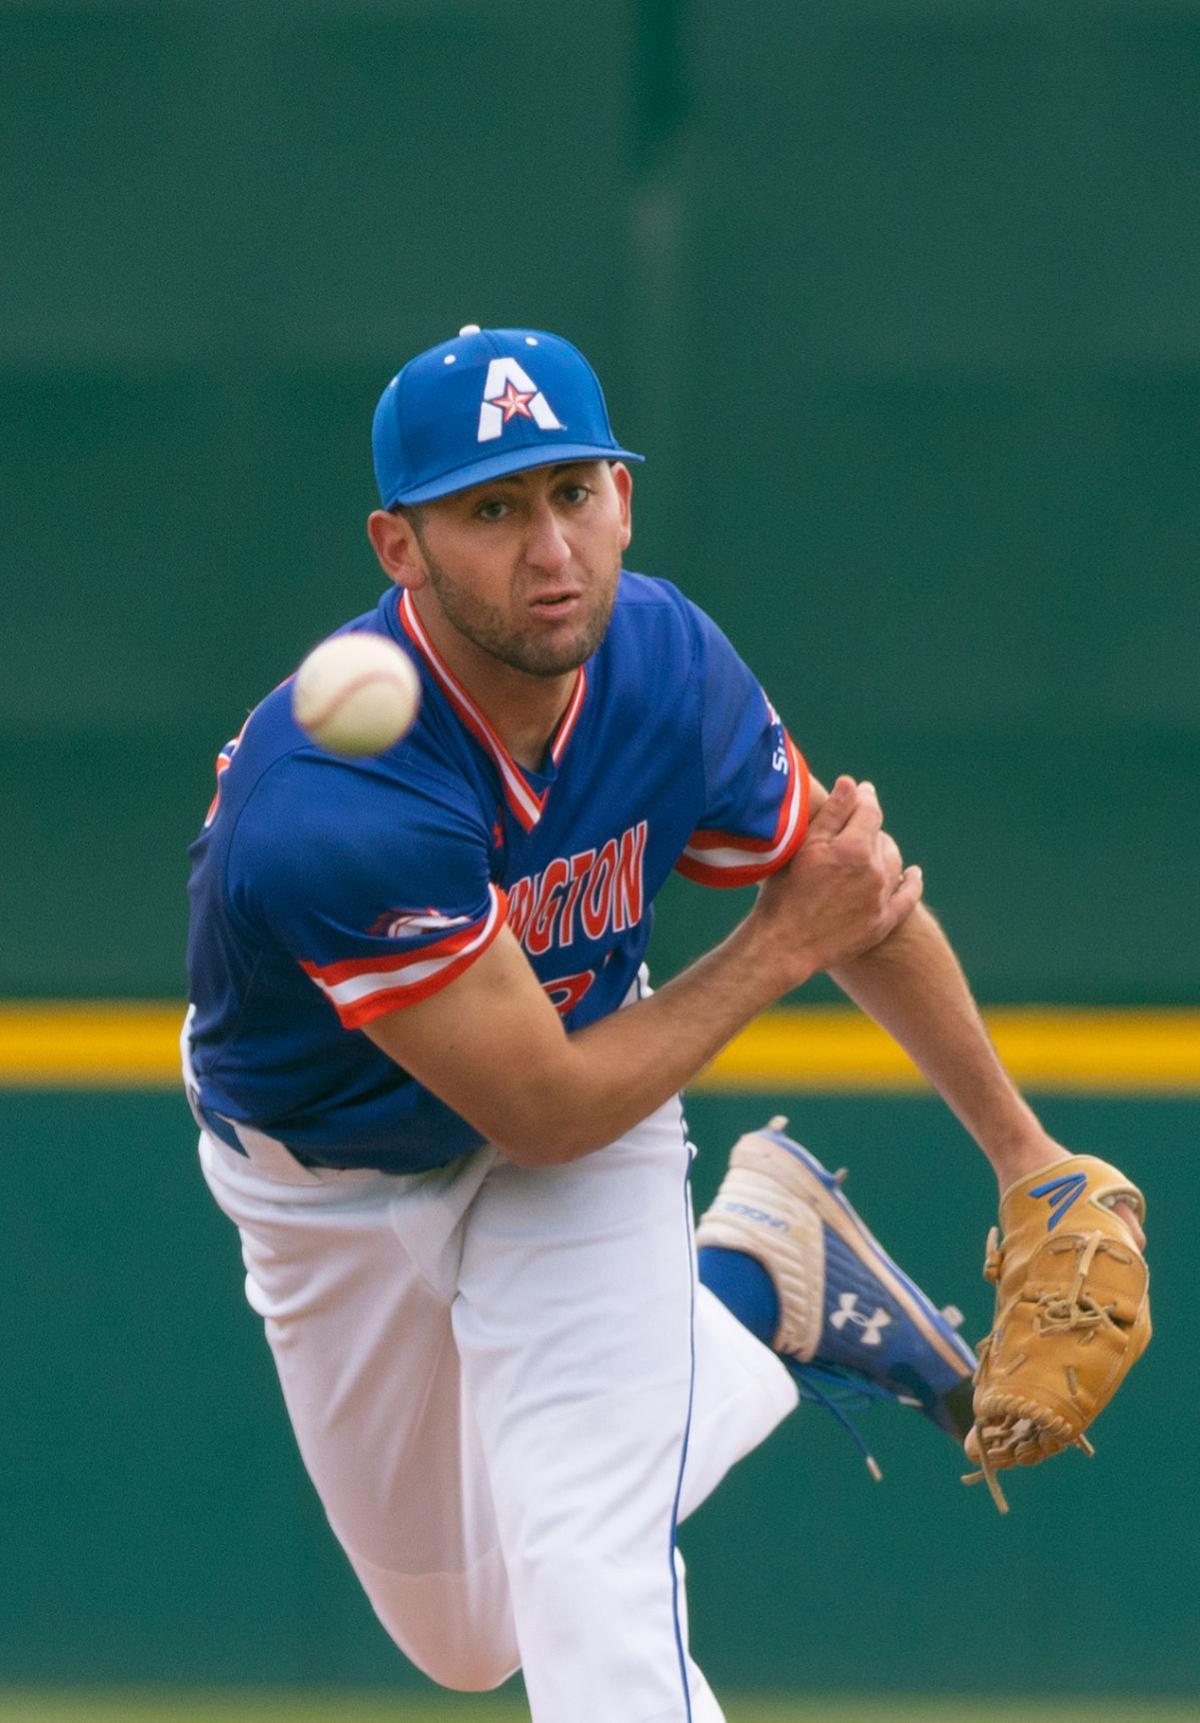 Meet UTA baseball's NCAA-leading closer